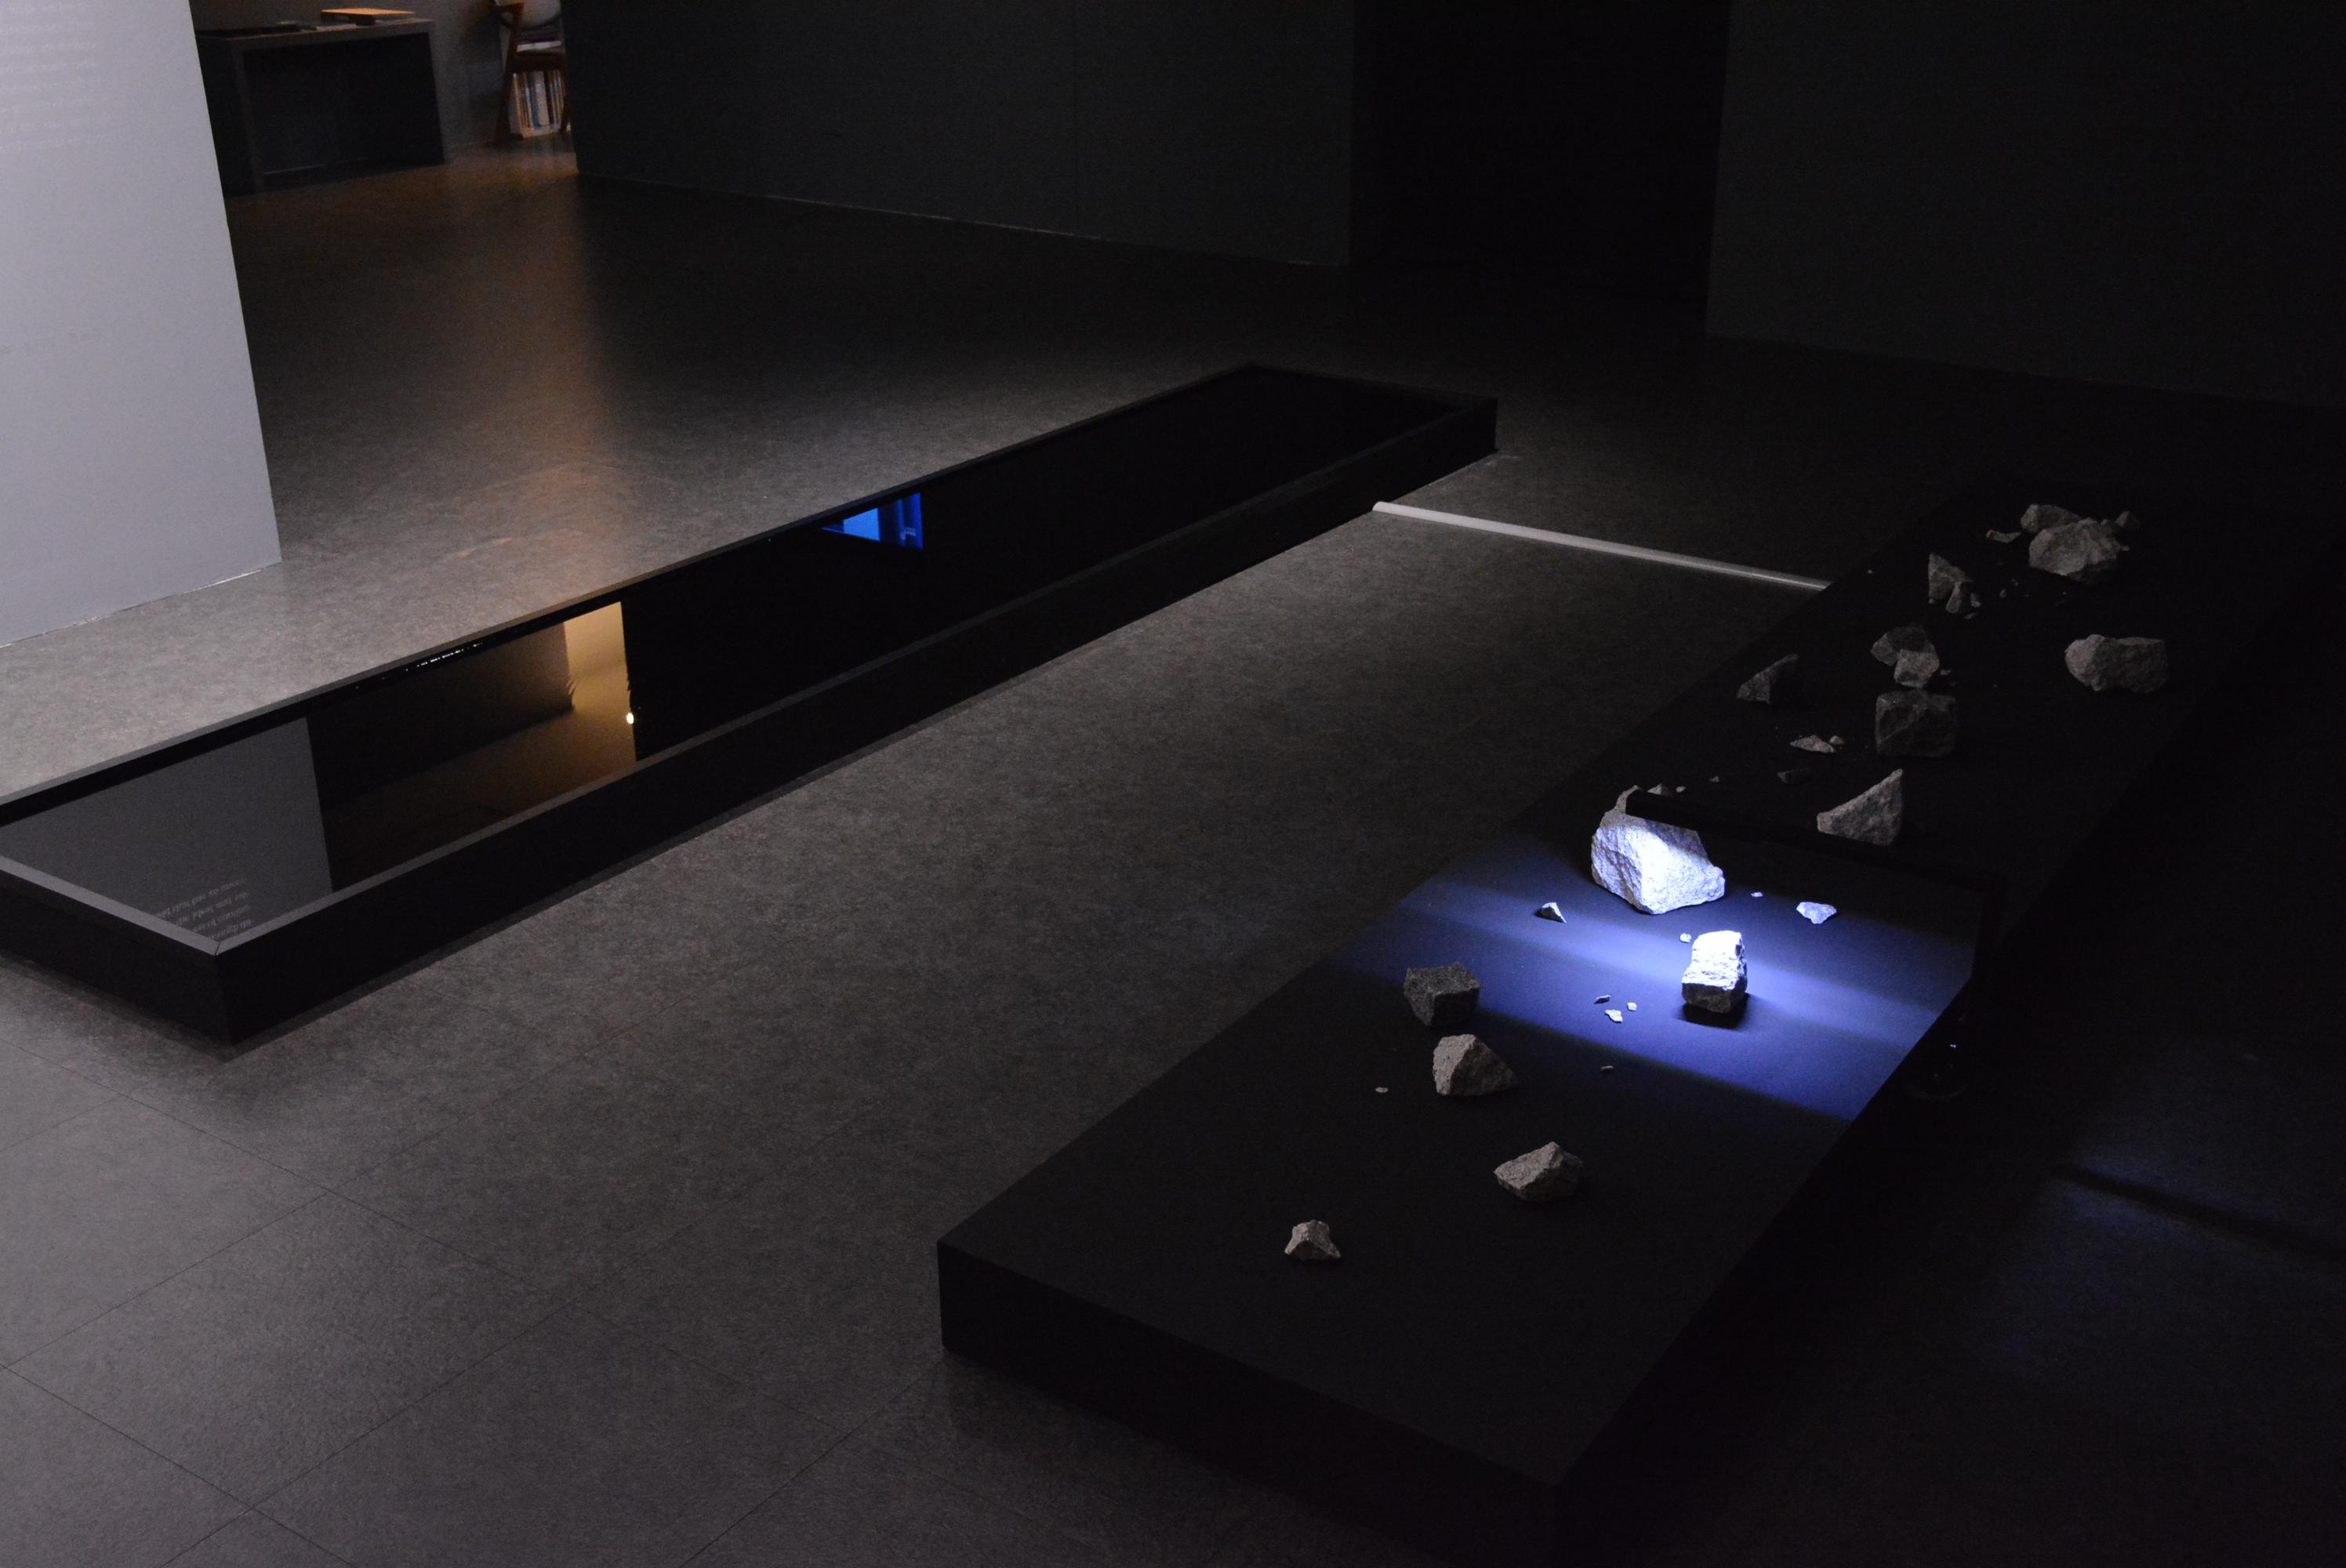 有形載體演示無形射線 藝術家張永達「Super Penetrating」開展 – 城市美學新態度kaiak.tw